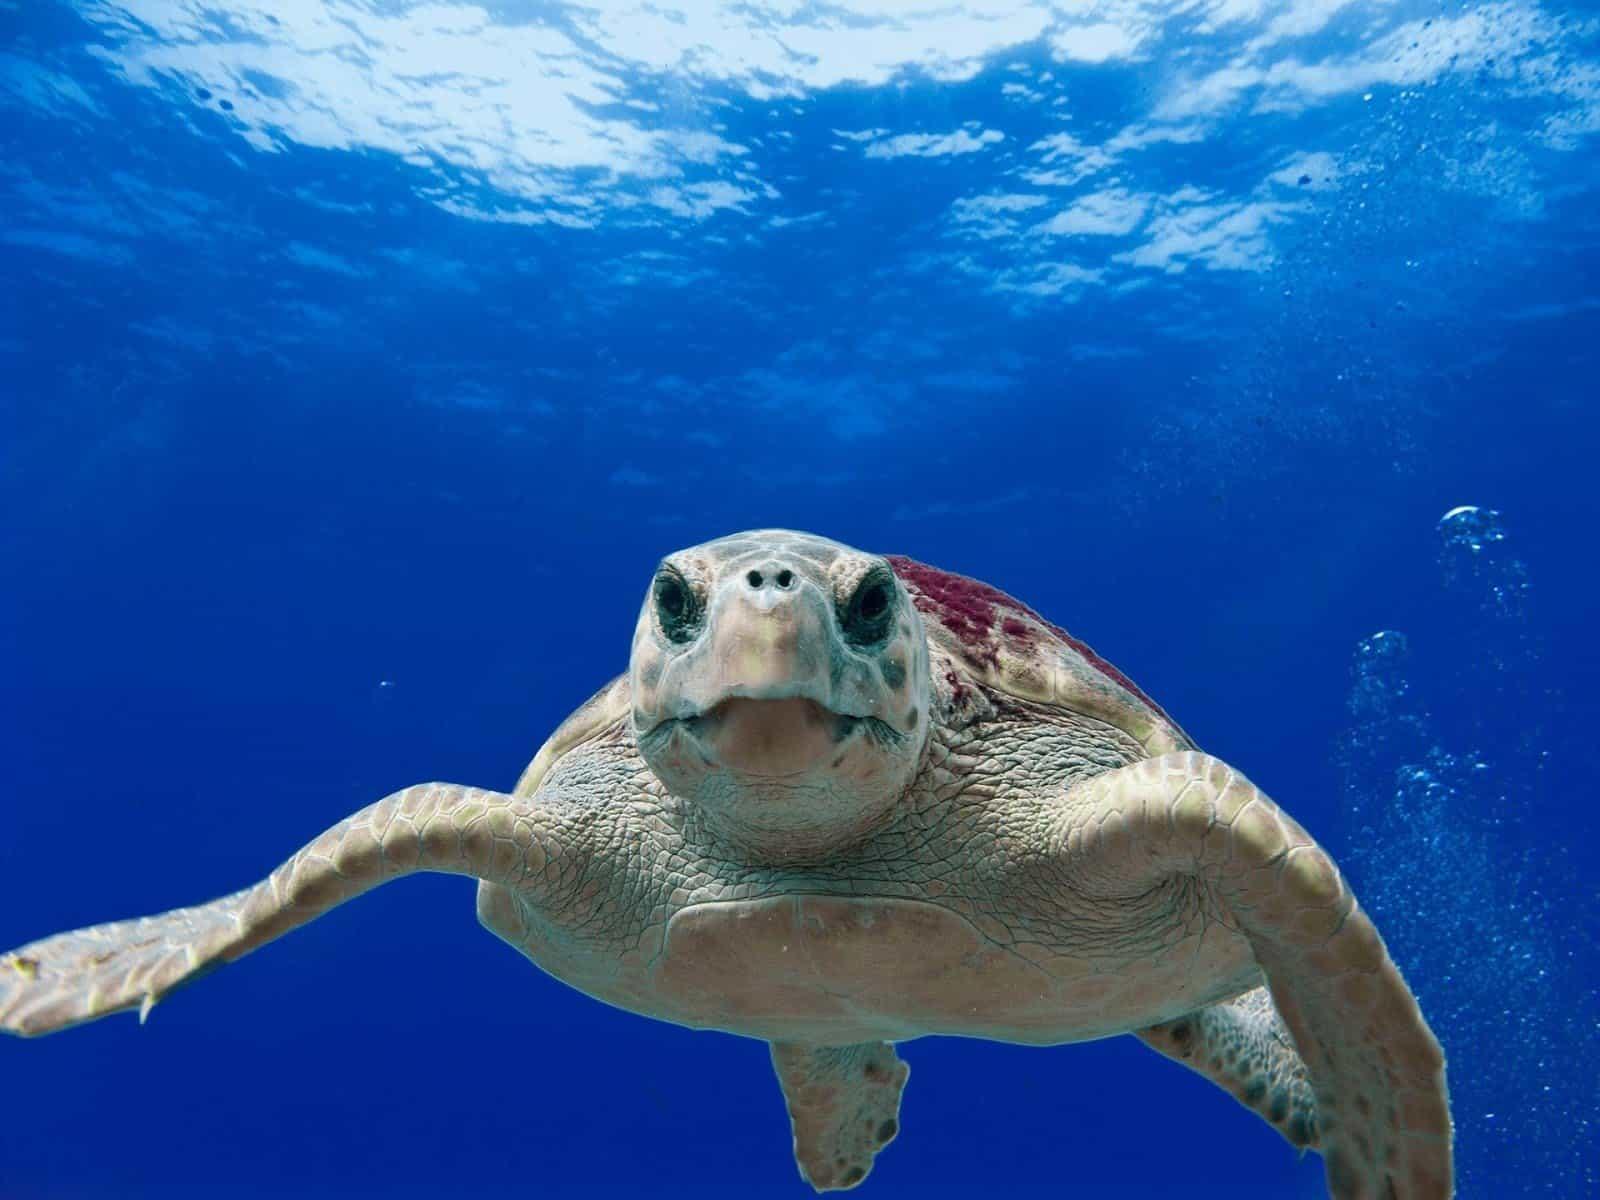 Vacanze, barca e un progetto ecosostenibile per salvare le tartarughe marine